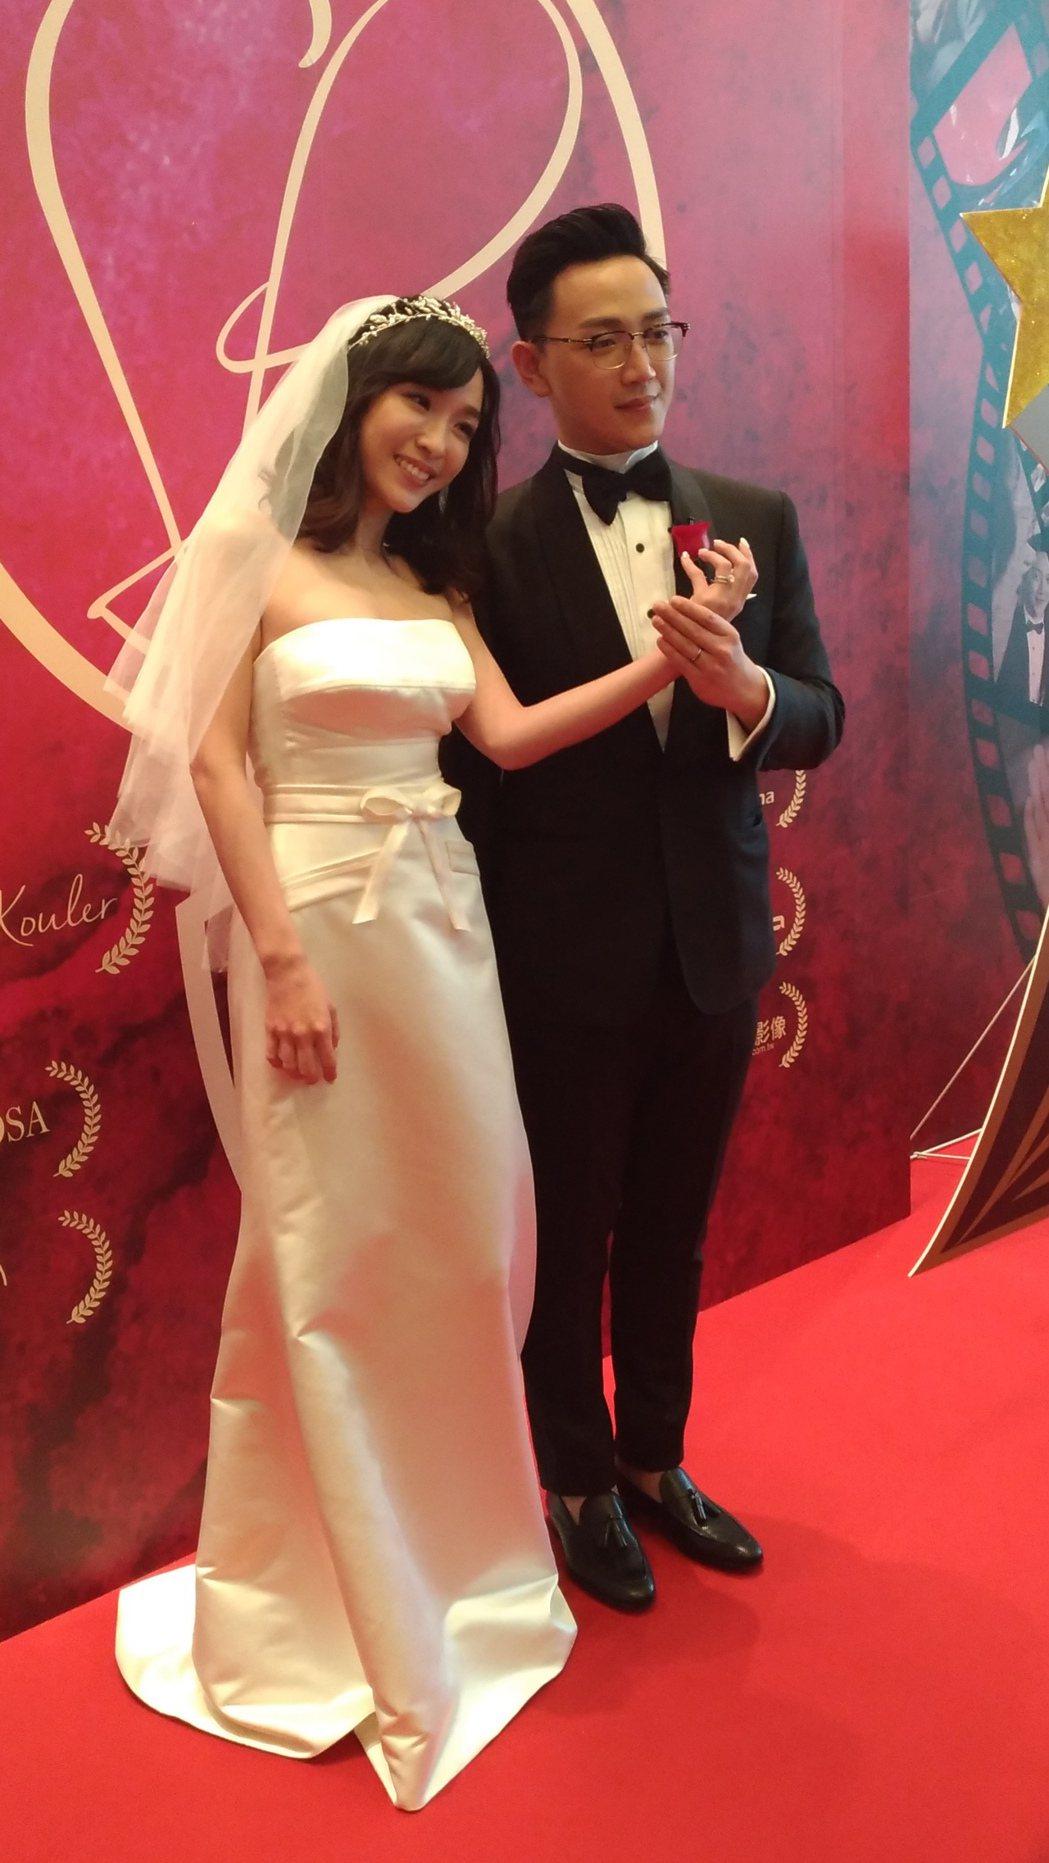 張宇和老公劉彥谷秀婚戒。記者李姿瑩╱攝影